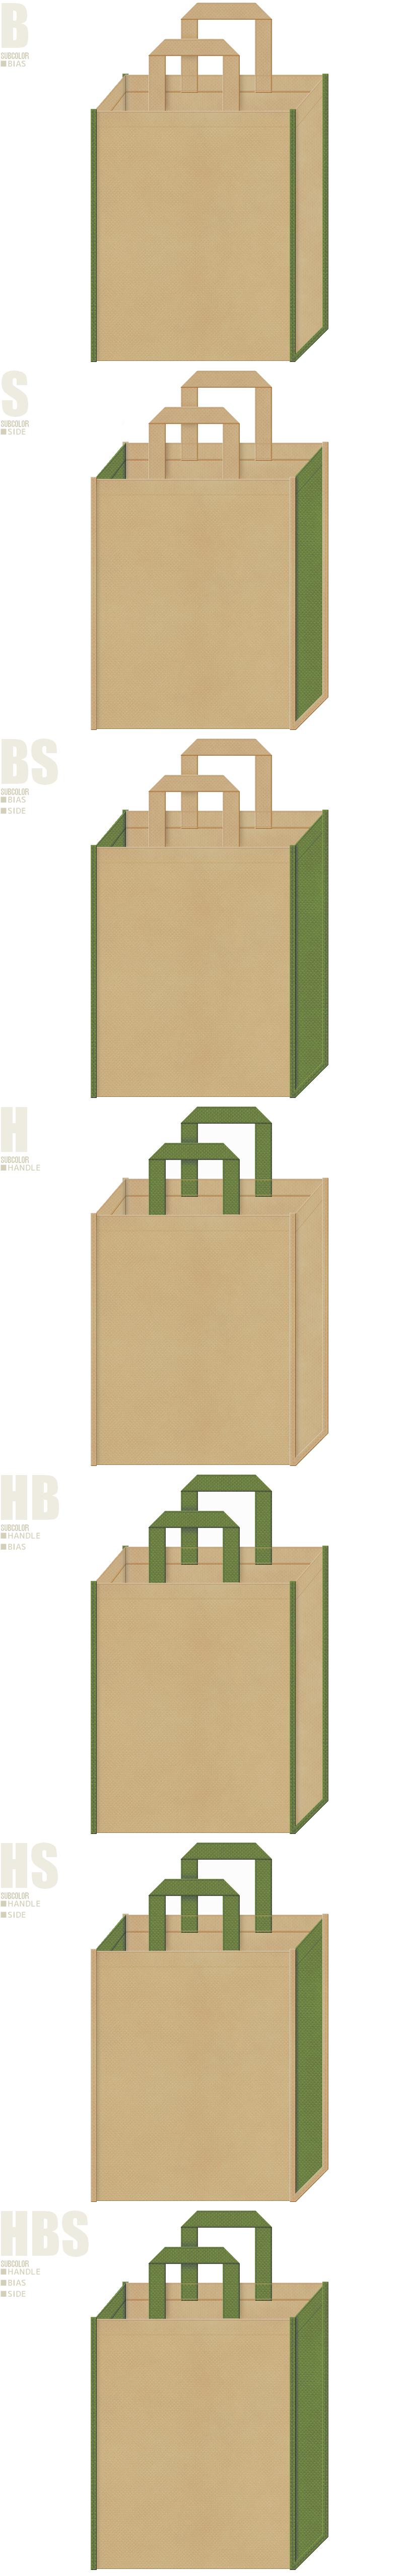 旅館・和室・インテリア・畳・桶・樽・籠・竹製品・民芸品のショッピングバッグにお奨めの不織布バッグデザイン:カーキ色と草色の配色7パターン。